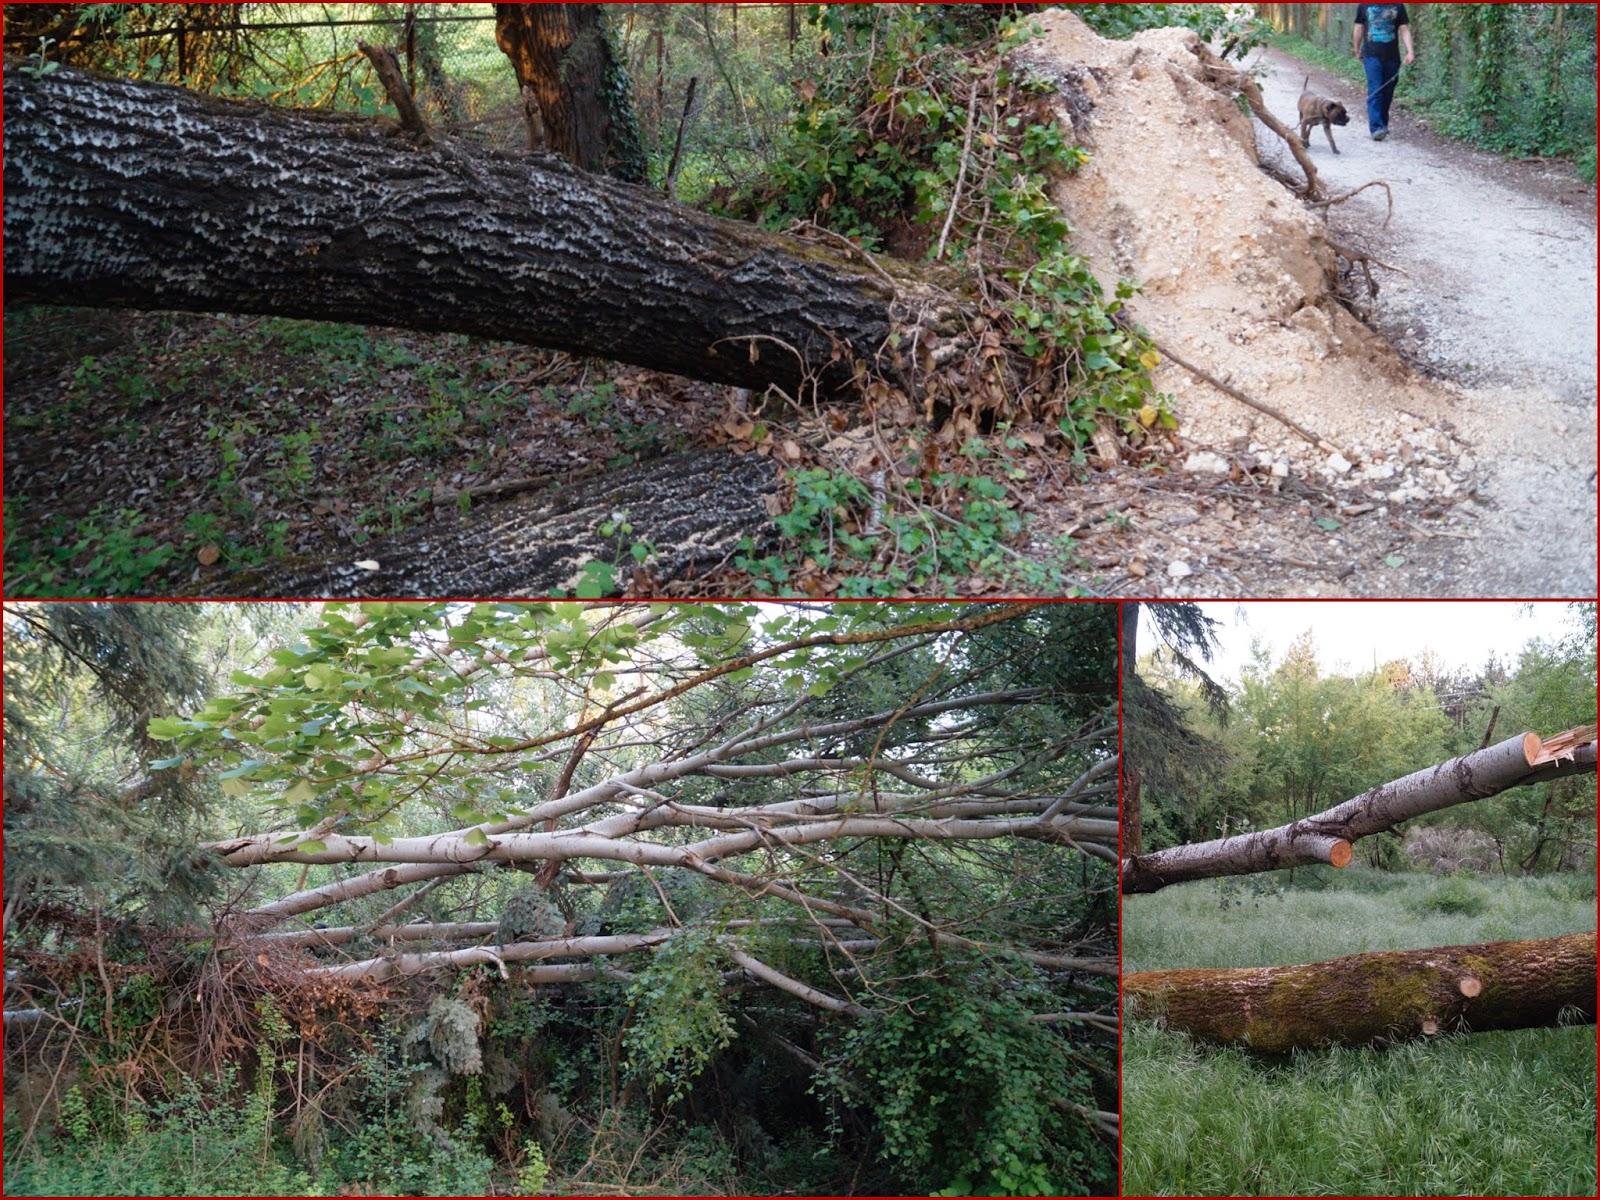 ΓΙΑΝΝΕΝΑ-Θλιβερές εικόνες ολοκληρωτικής εγκατάλειψης στο Πάρκο Πυρσινέλλα!